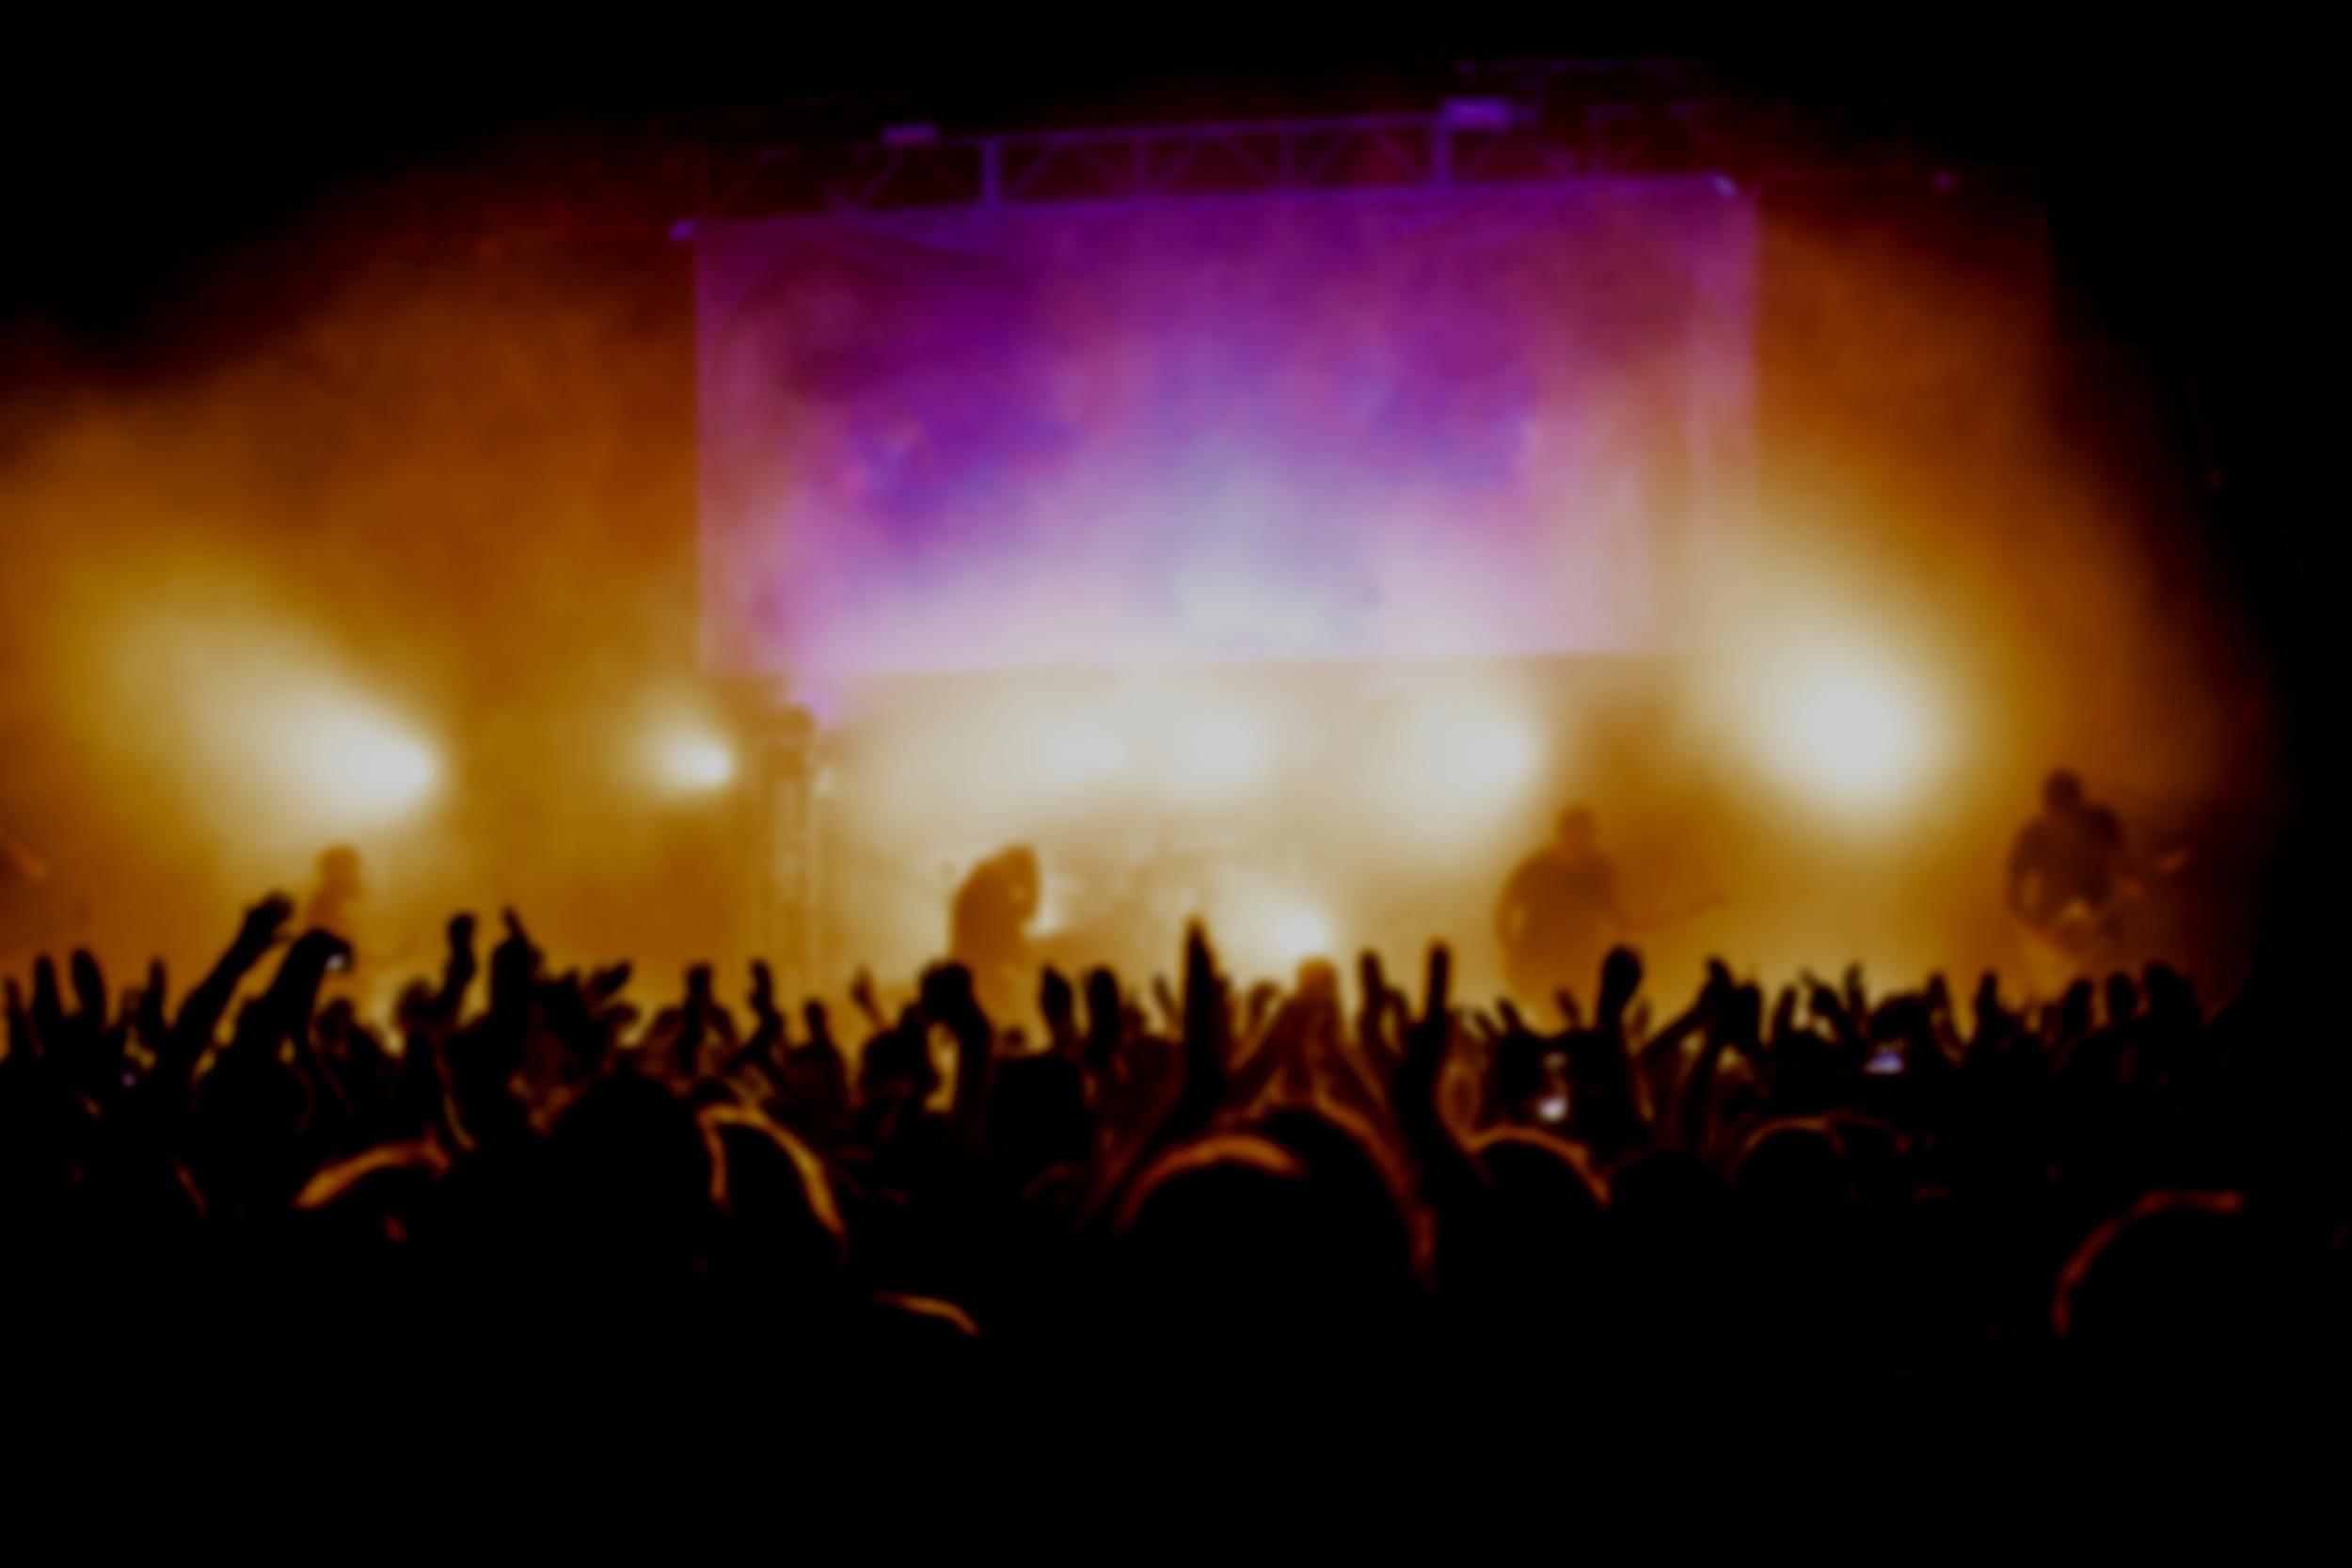 Concert Production -